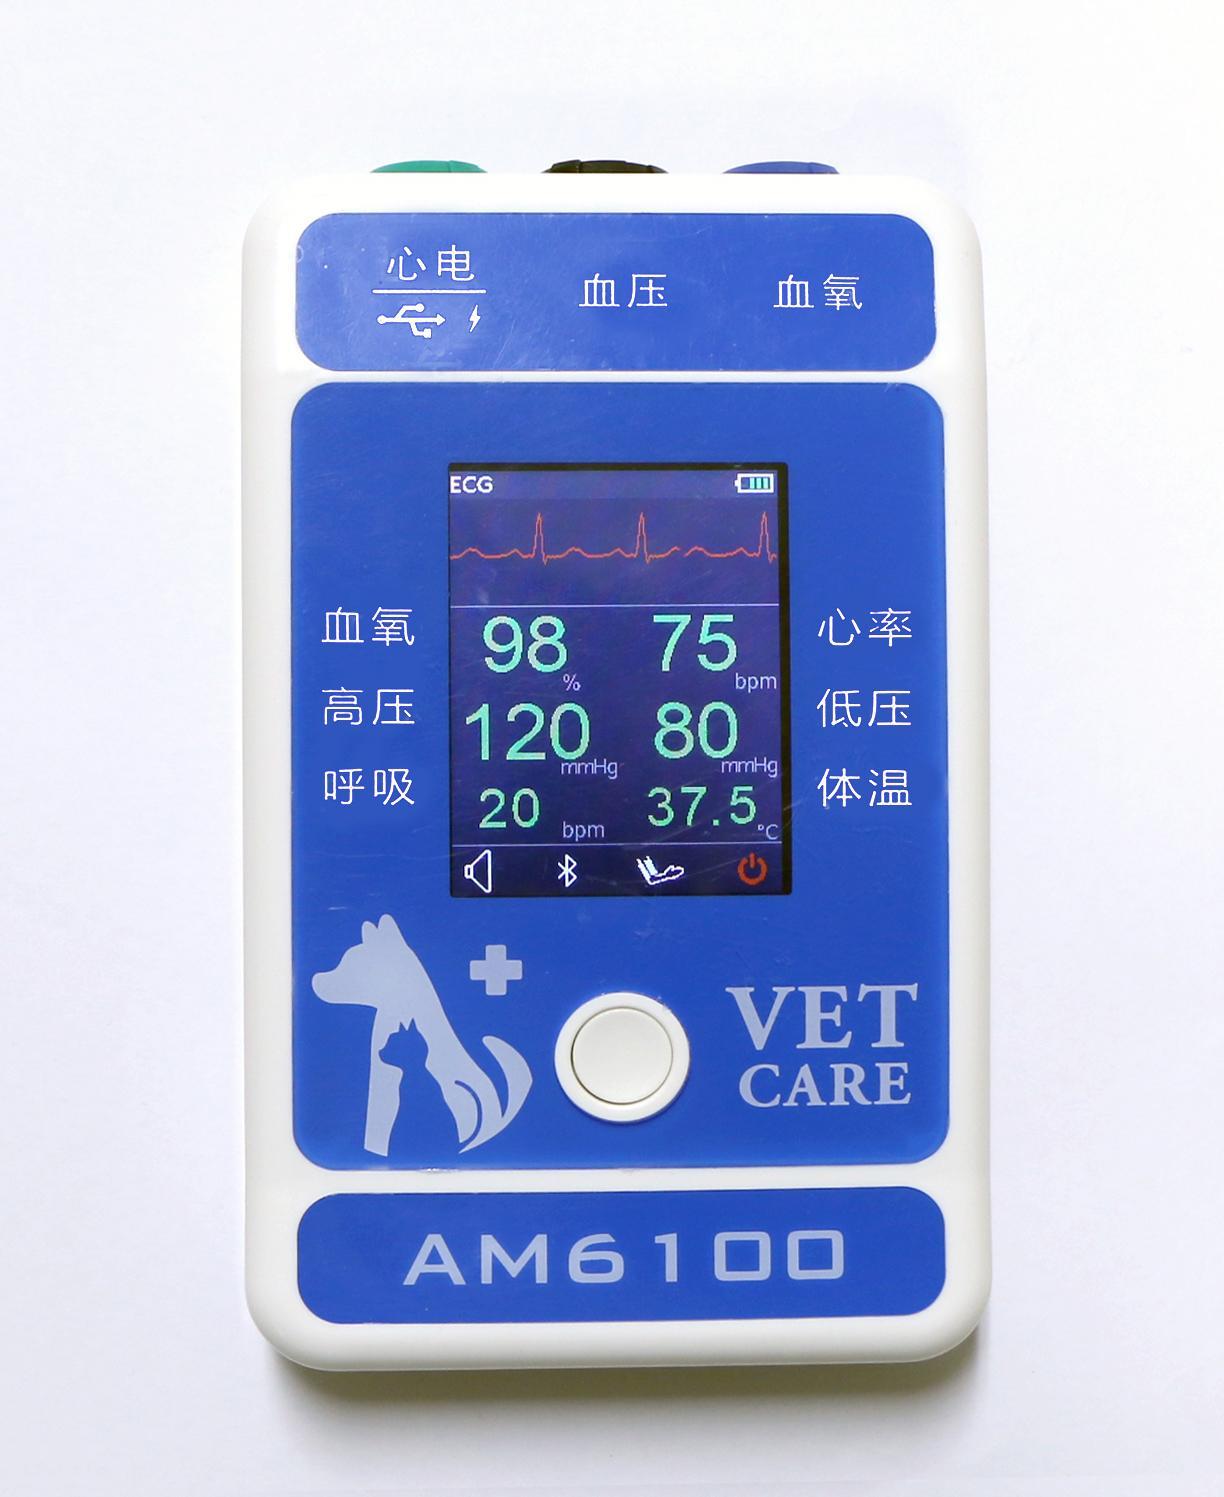 動物六參數心率醫用便攜式藍牙患者監護儀 5